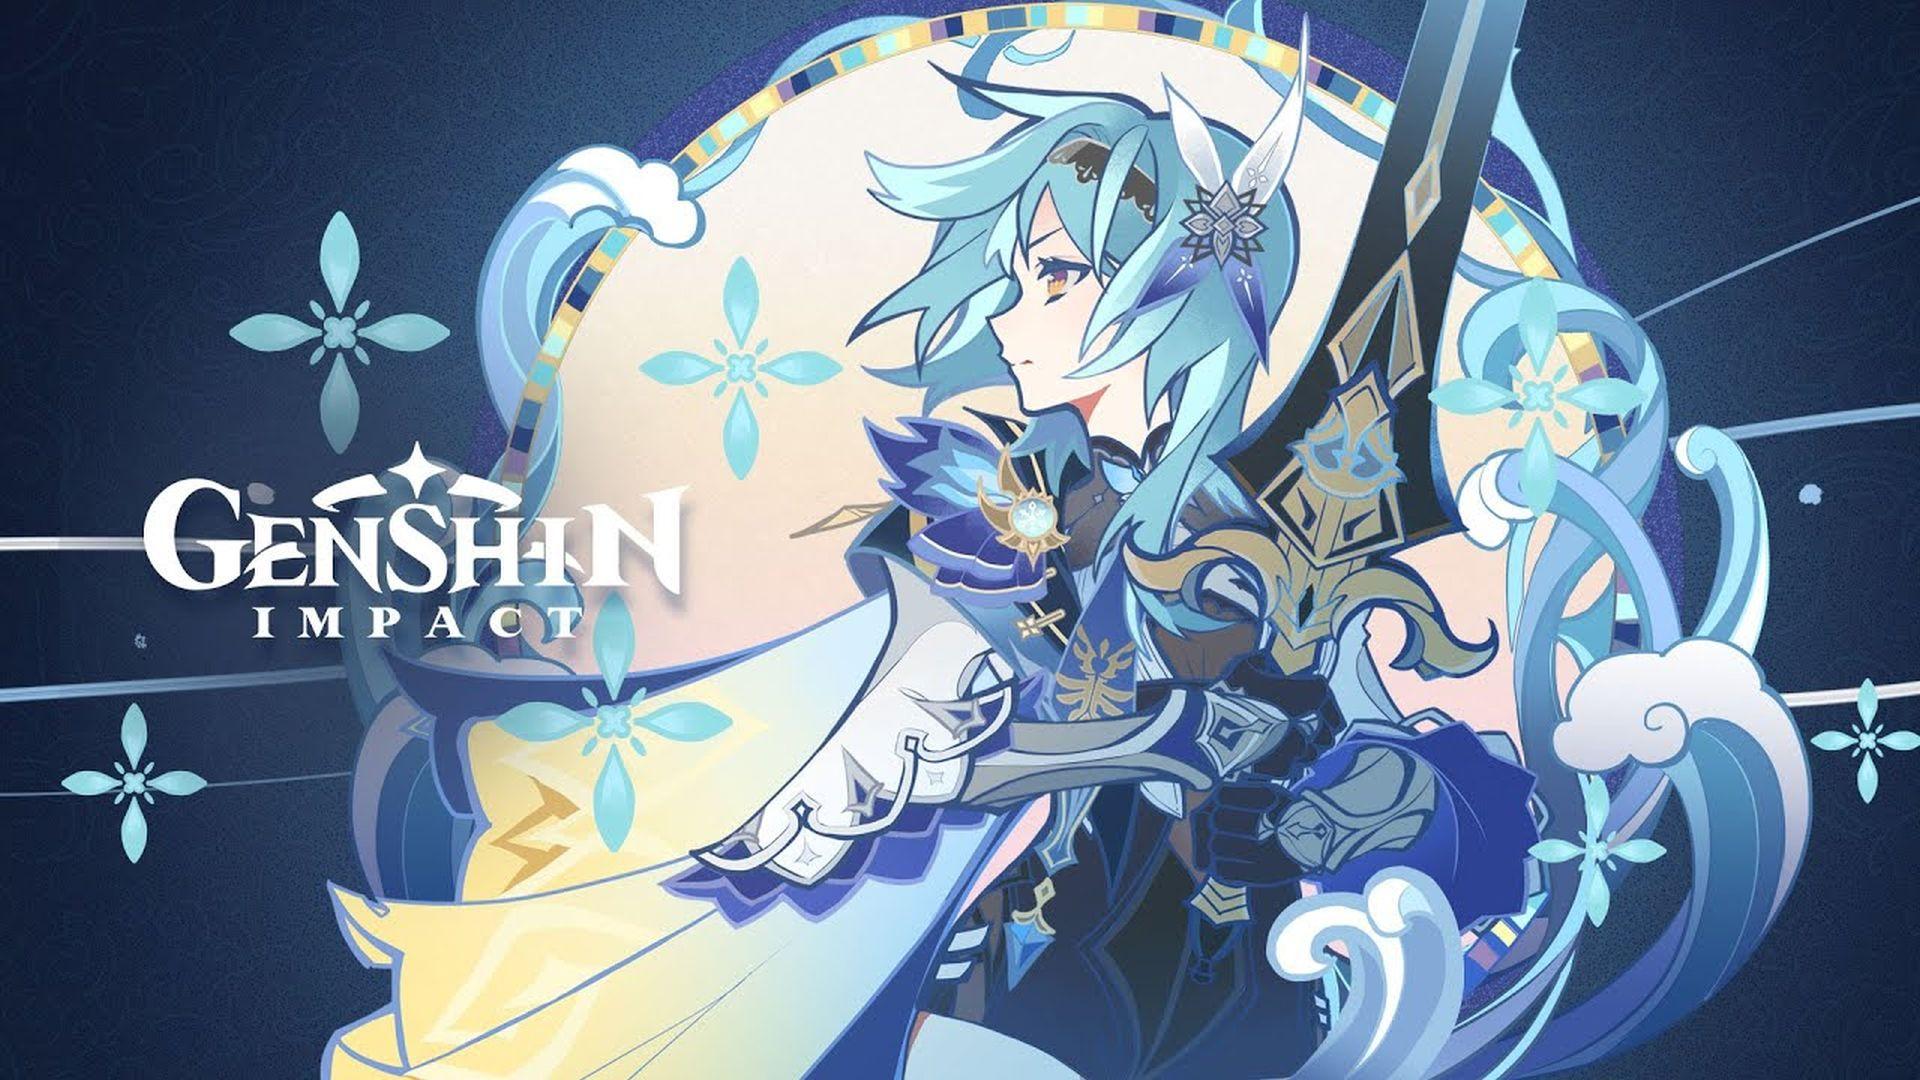 تریلر جدیدی بازی Genshin Impact